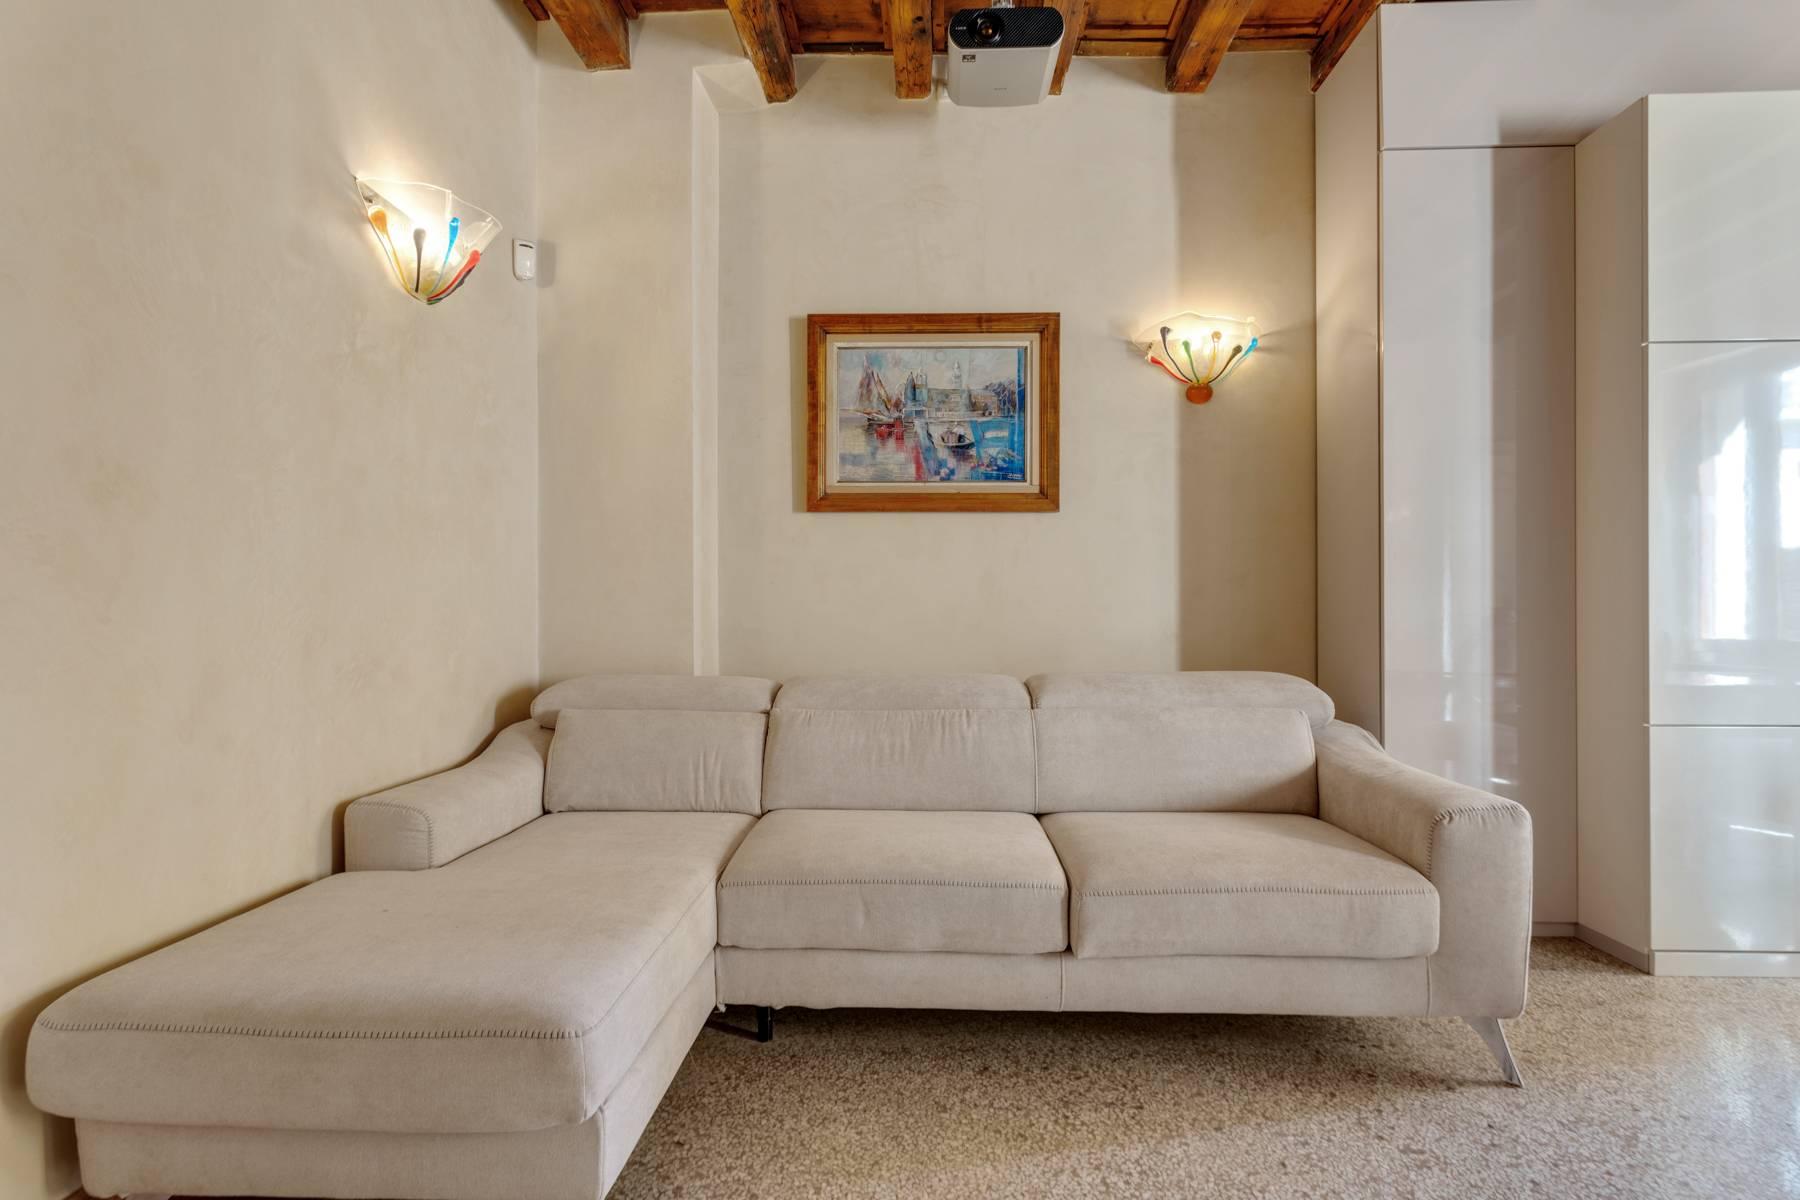 Appartamento in Vendita a Verona: 3 locali, 55 mq - Foto 4